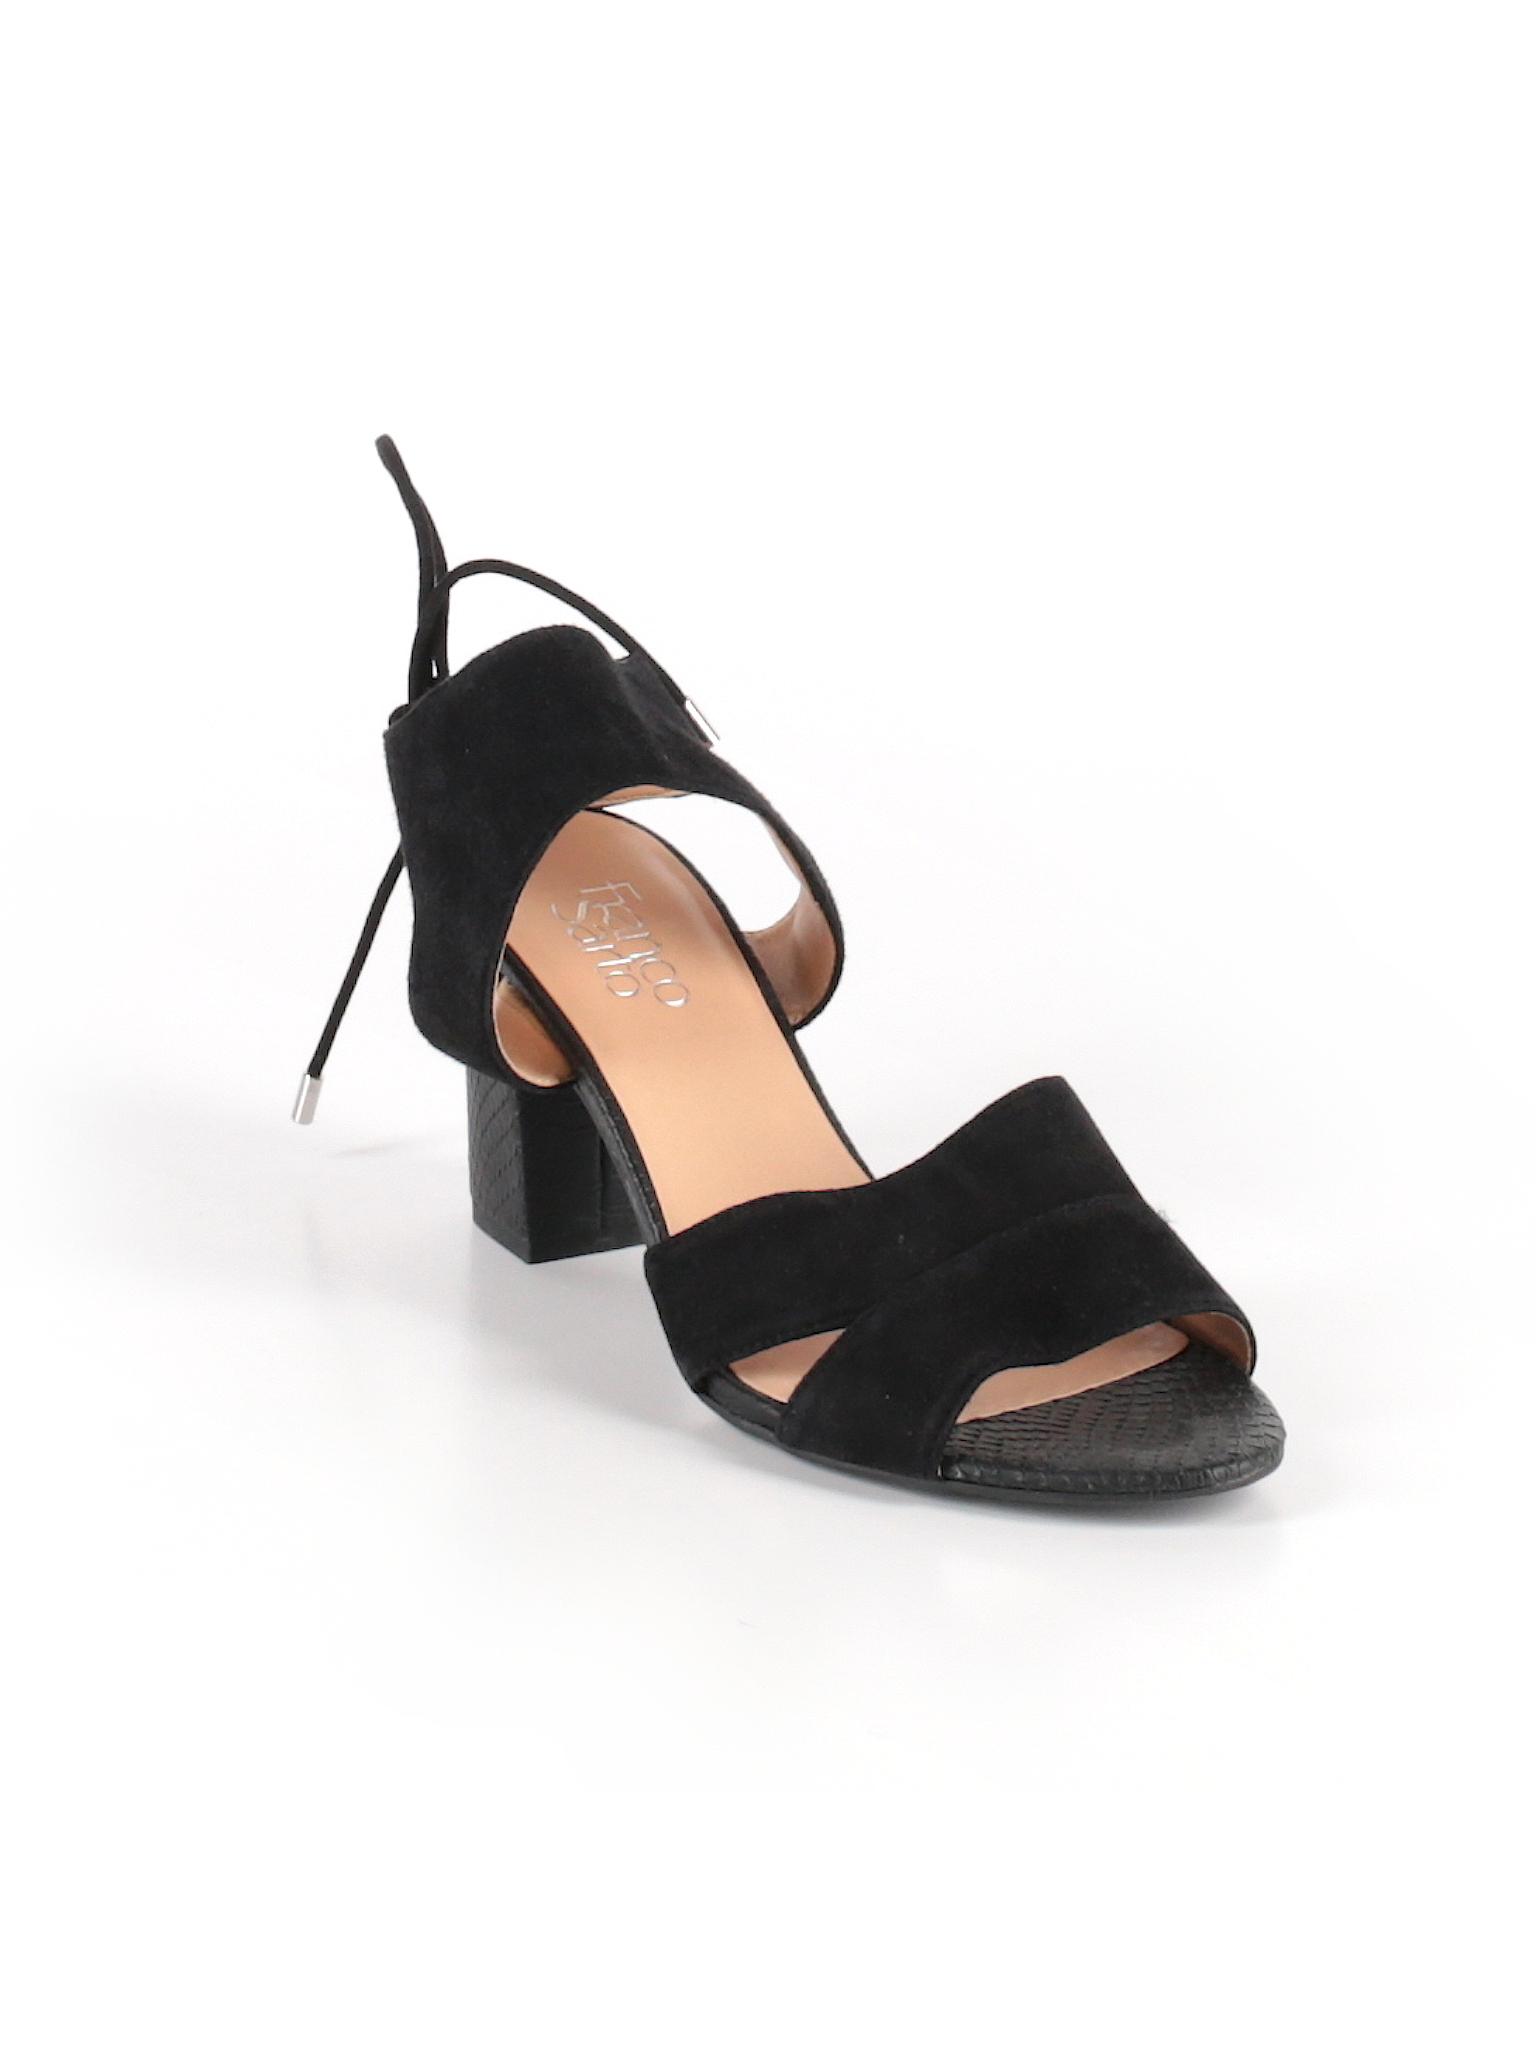 Sarto Franco Boutique Franco Sarto Heels promotion Heels Heels promotion Sarto Boutique promotion Boutique Boutique Franco HnIArwOxn